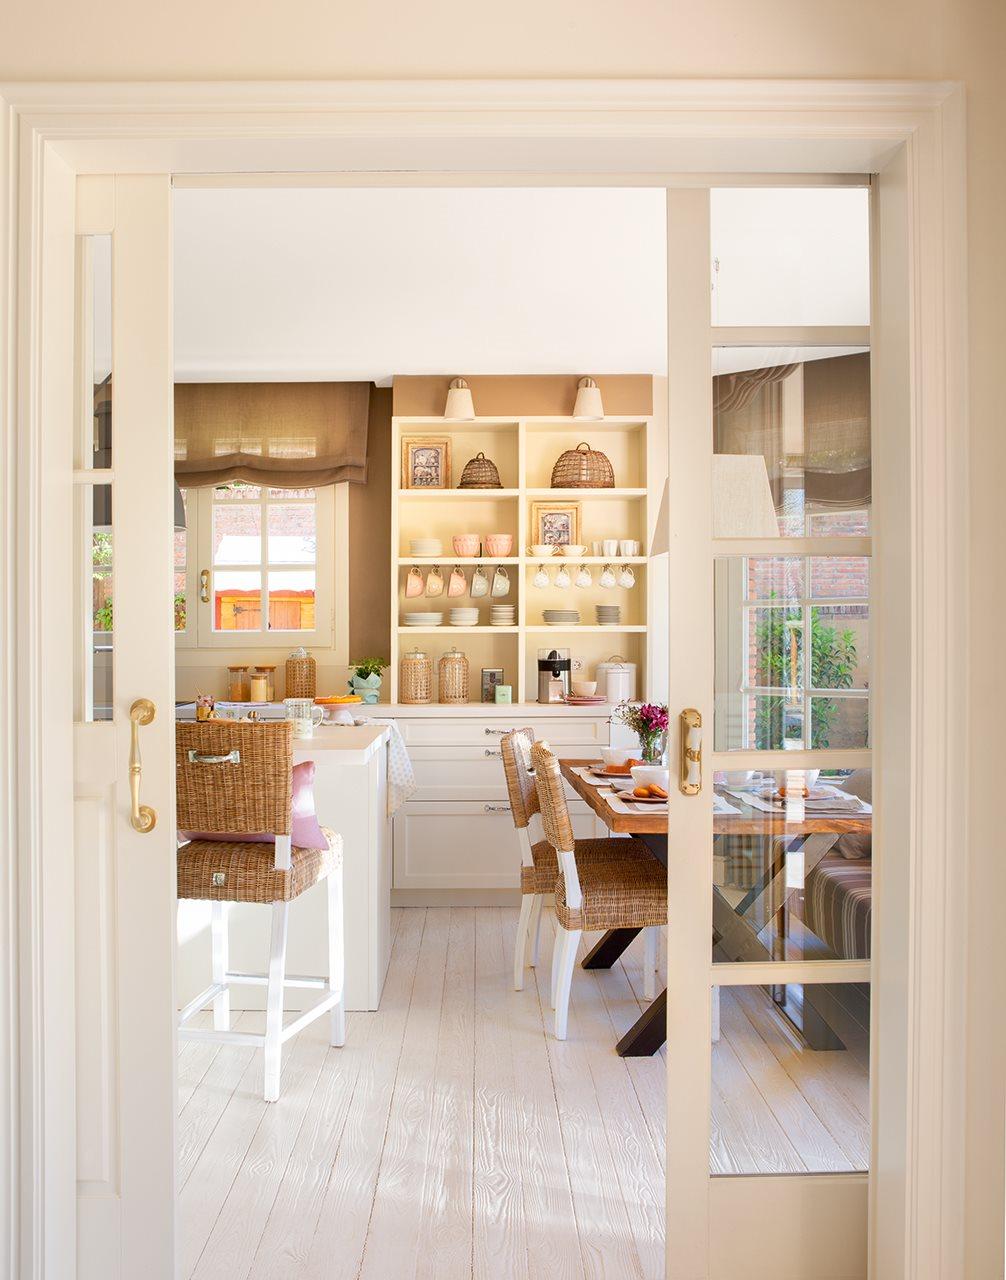 Una casa de inspiraci n estadounidense - Puertas para la cocina ...